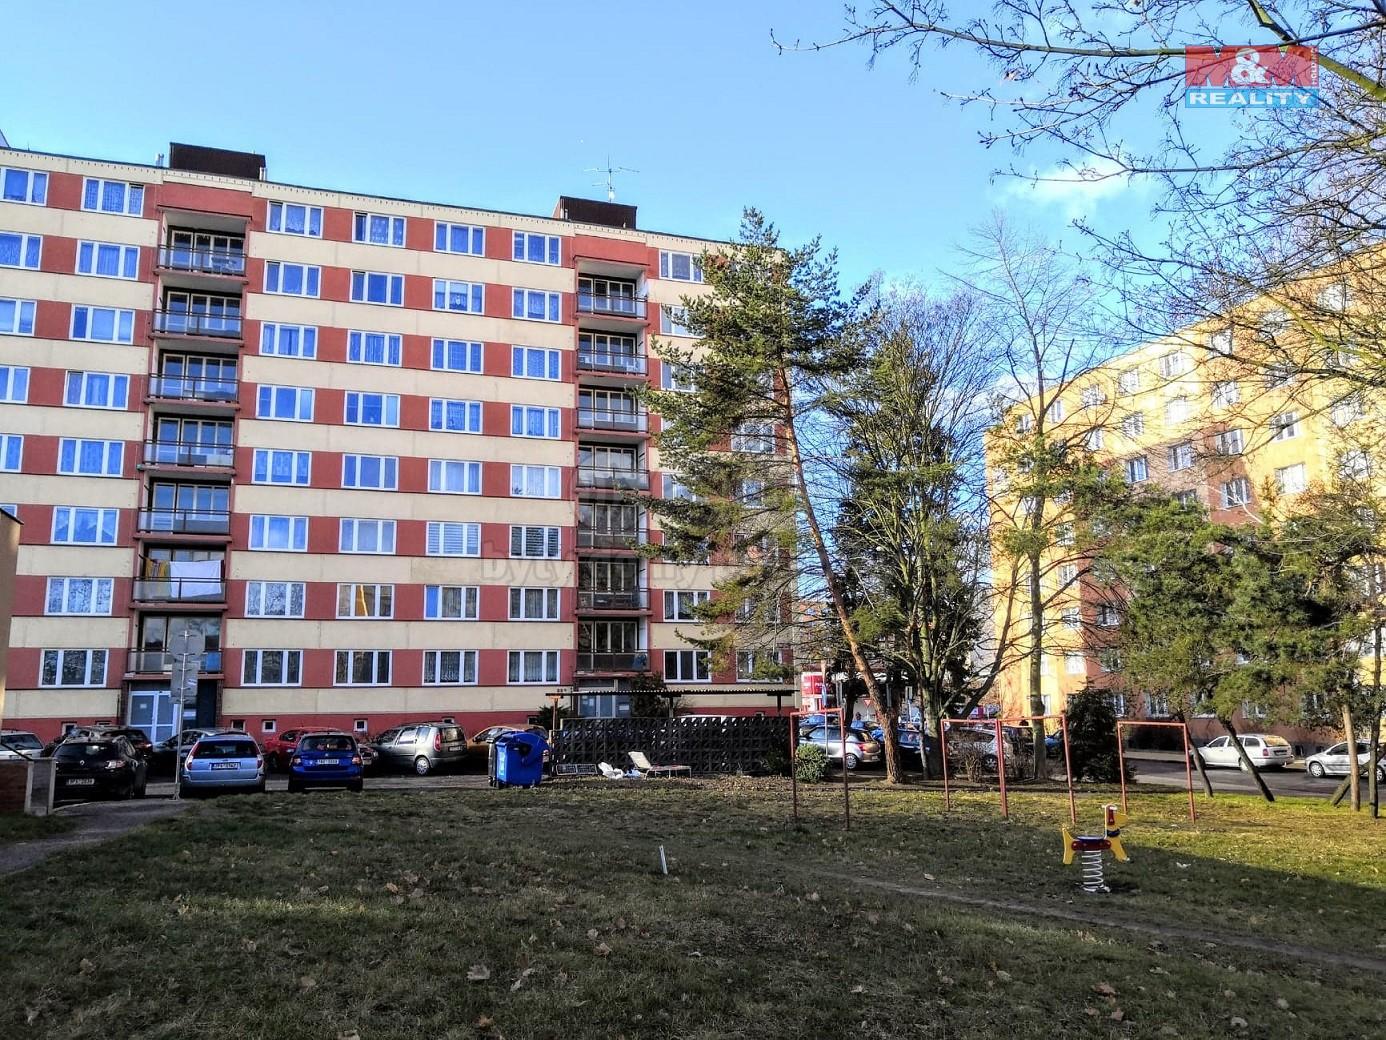 Prodej, byt 2+1, 58 m2, Plzeň, ul. Macháčkova